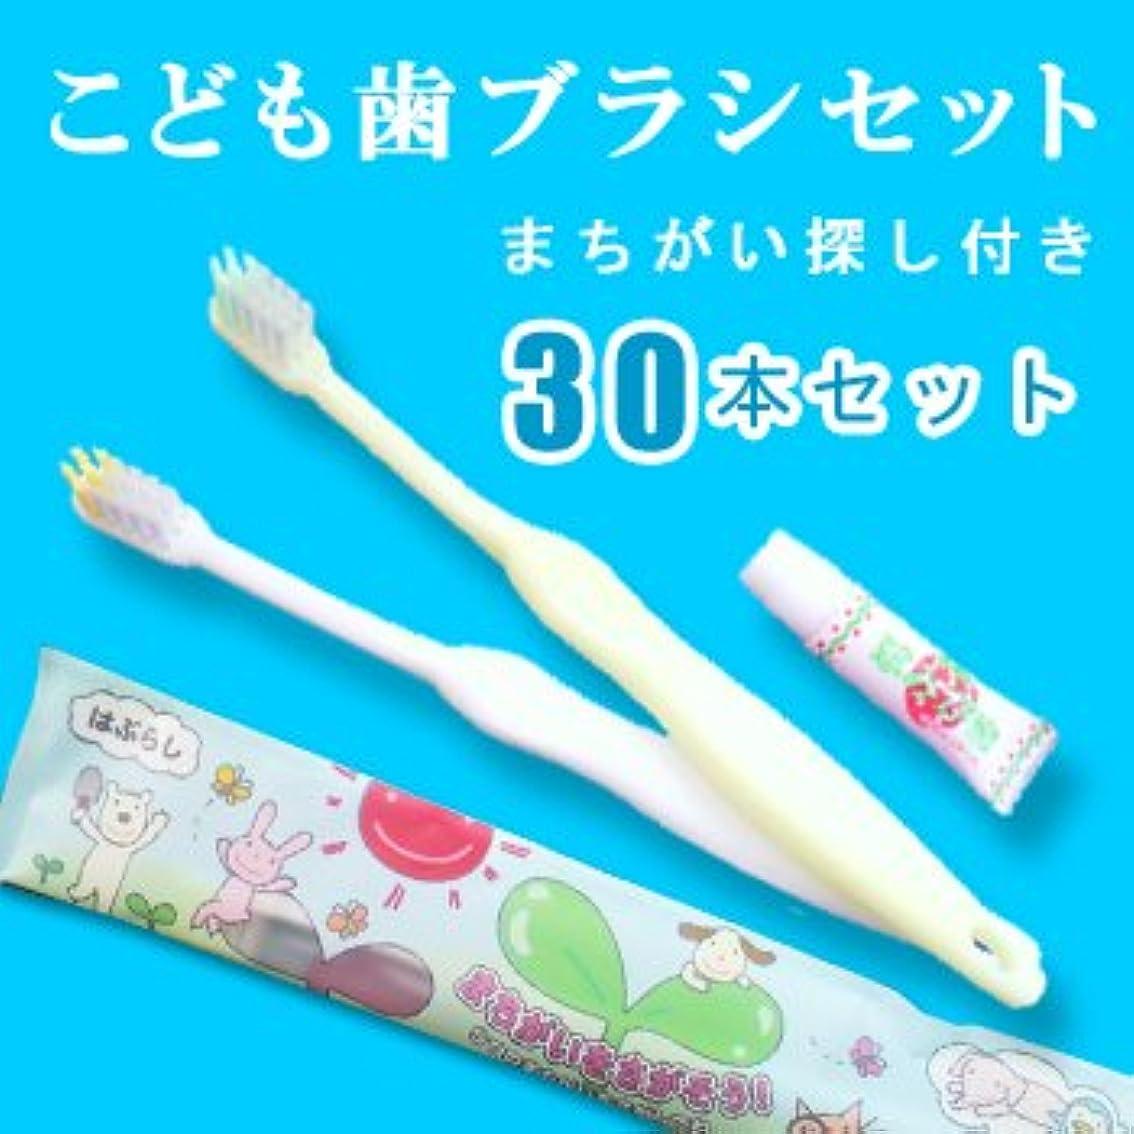 テレックス浸すボアこども歯ブラシ いちご味の歯磨き粉3gチューブ付 ホワイト?イエロー各15本アソート(1セット30本)